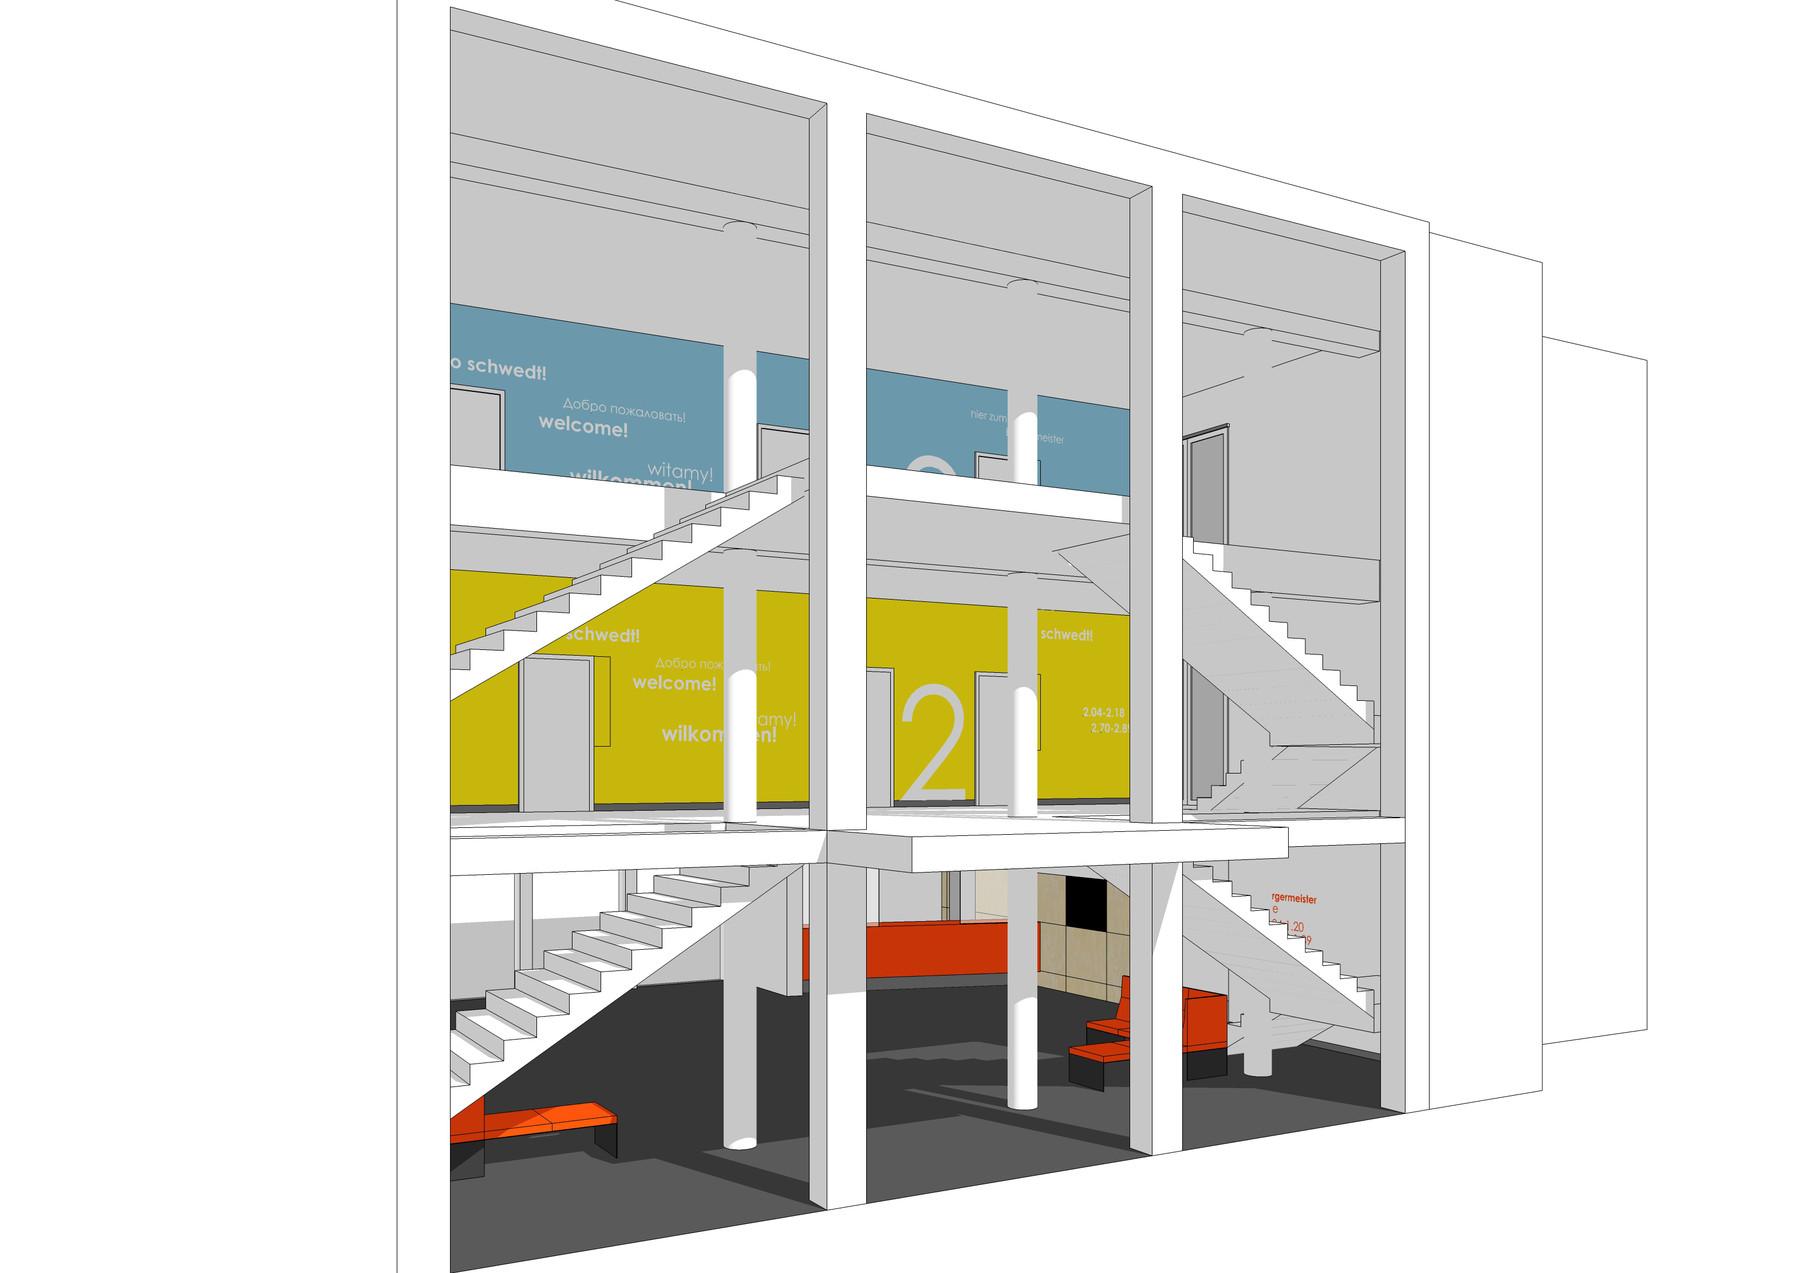 Foyer - Perspektive von aussen